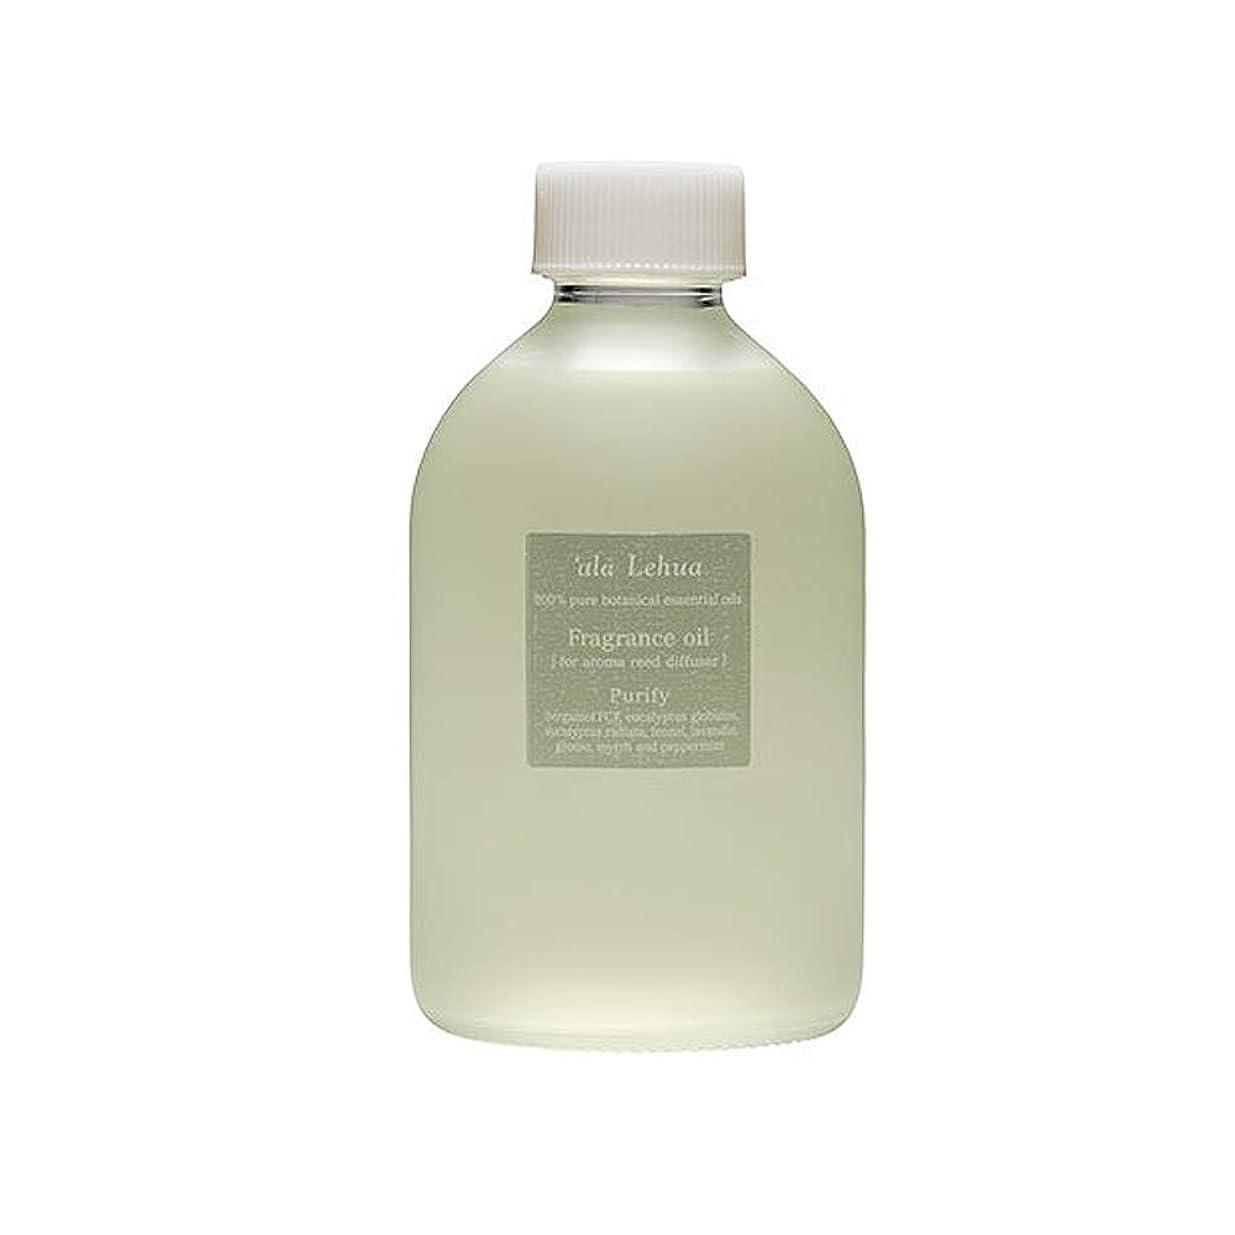 おとうさん百万ガジュマル`ala Lehua (アラレフア) フレグランスオイル 250ml purify